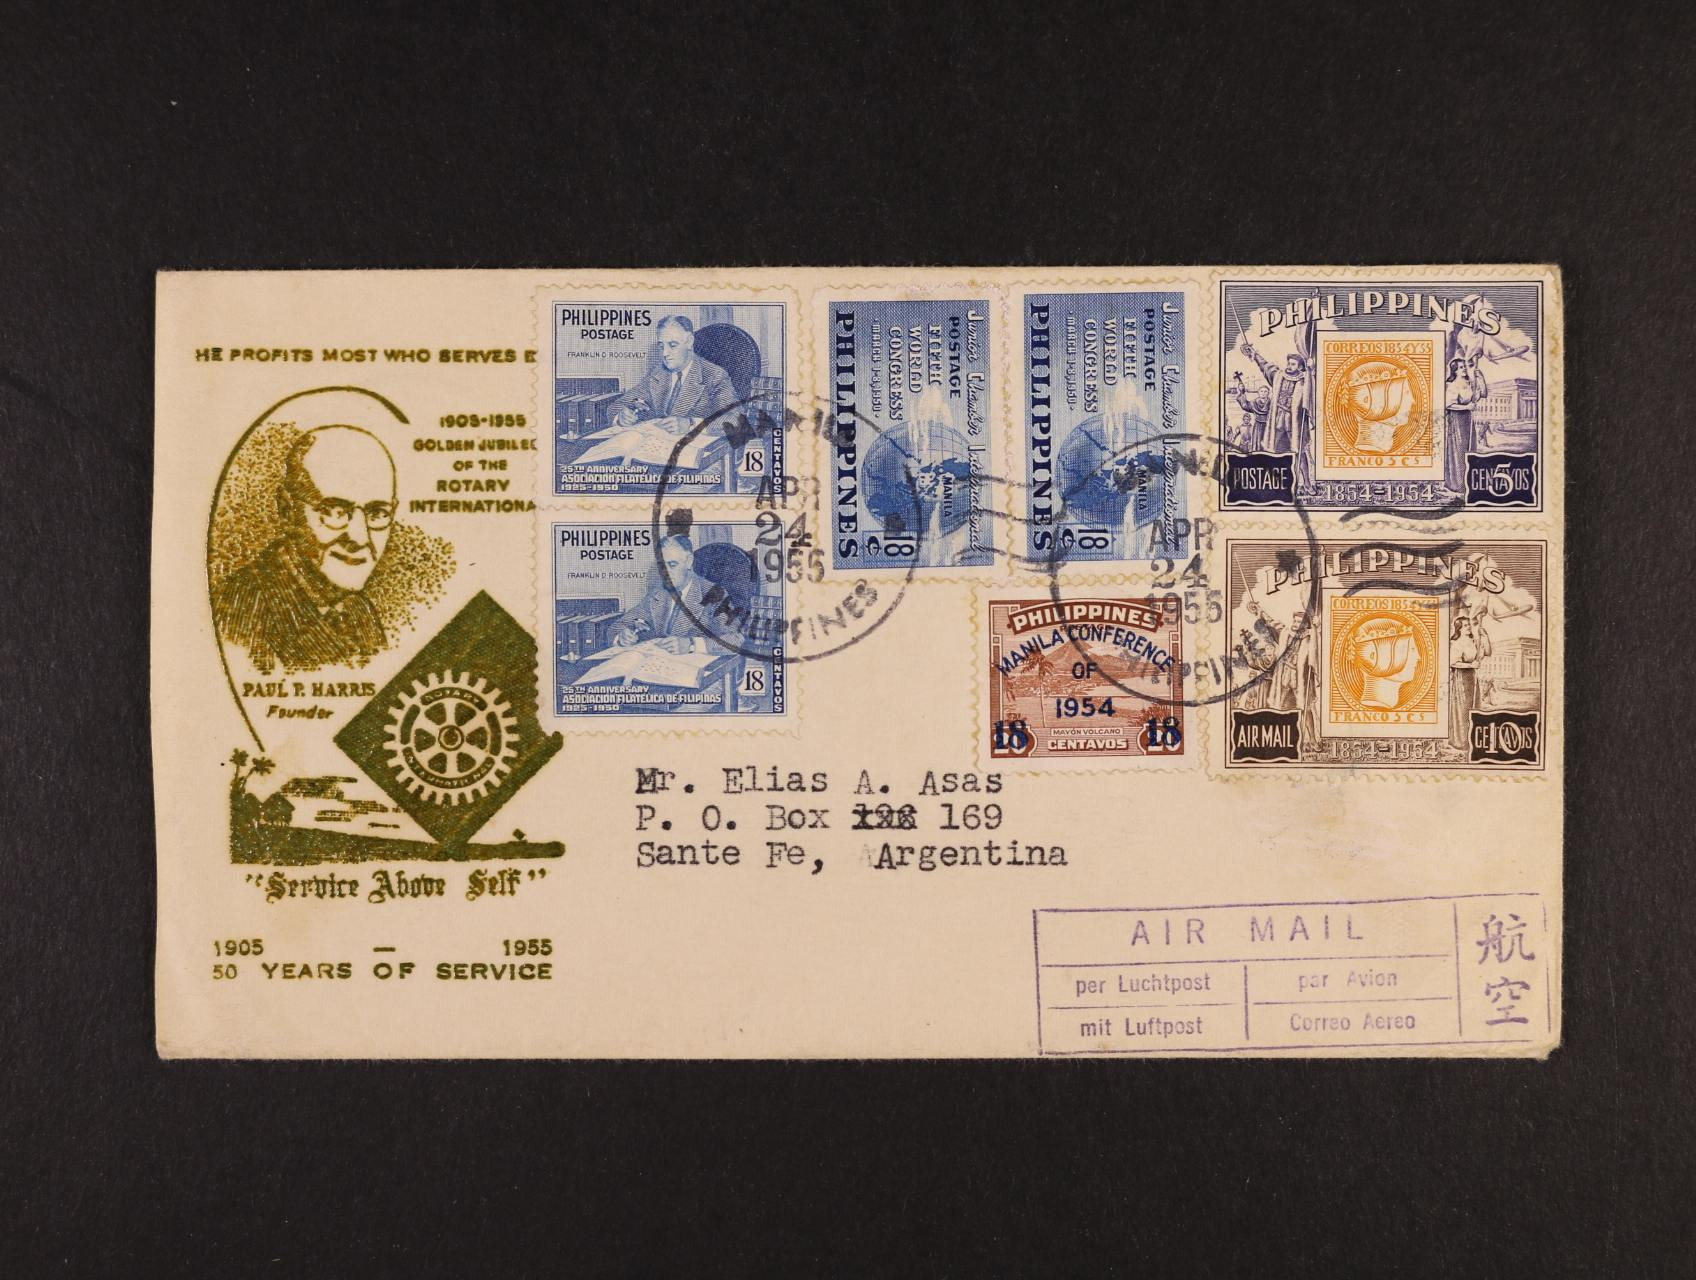 ROTARY - oficielní obálka letecky do Argentíny frank. zn. Filipín s raz. MANILA APRIL 24.1955